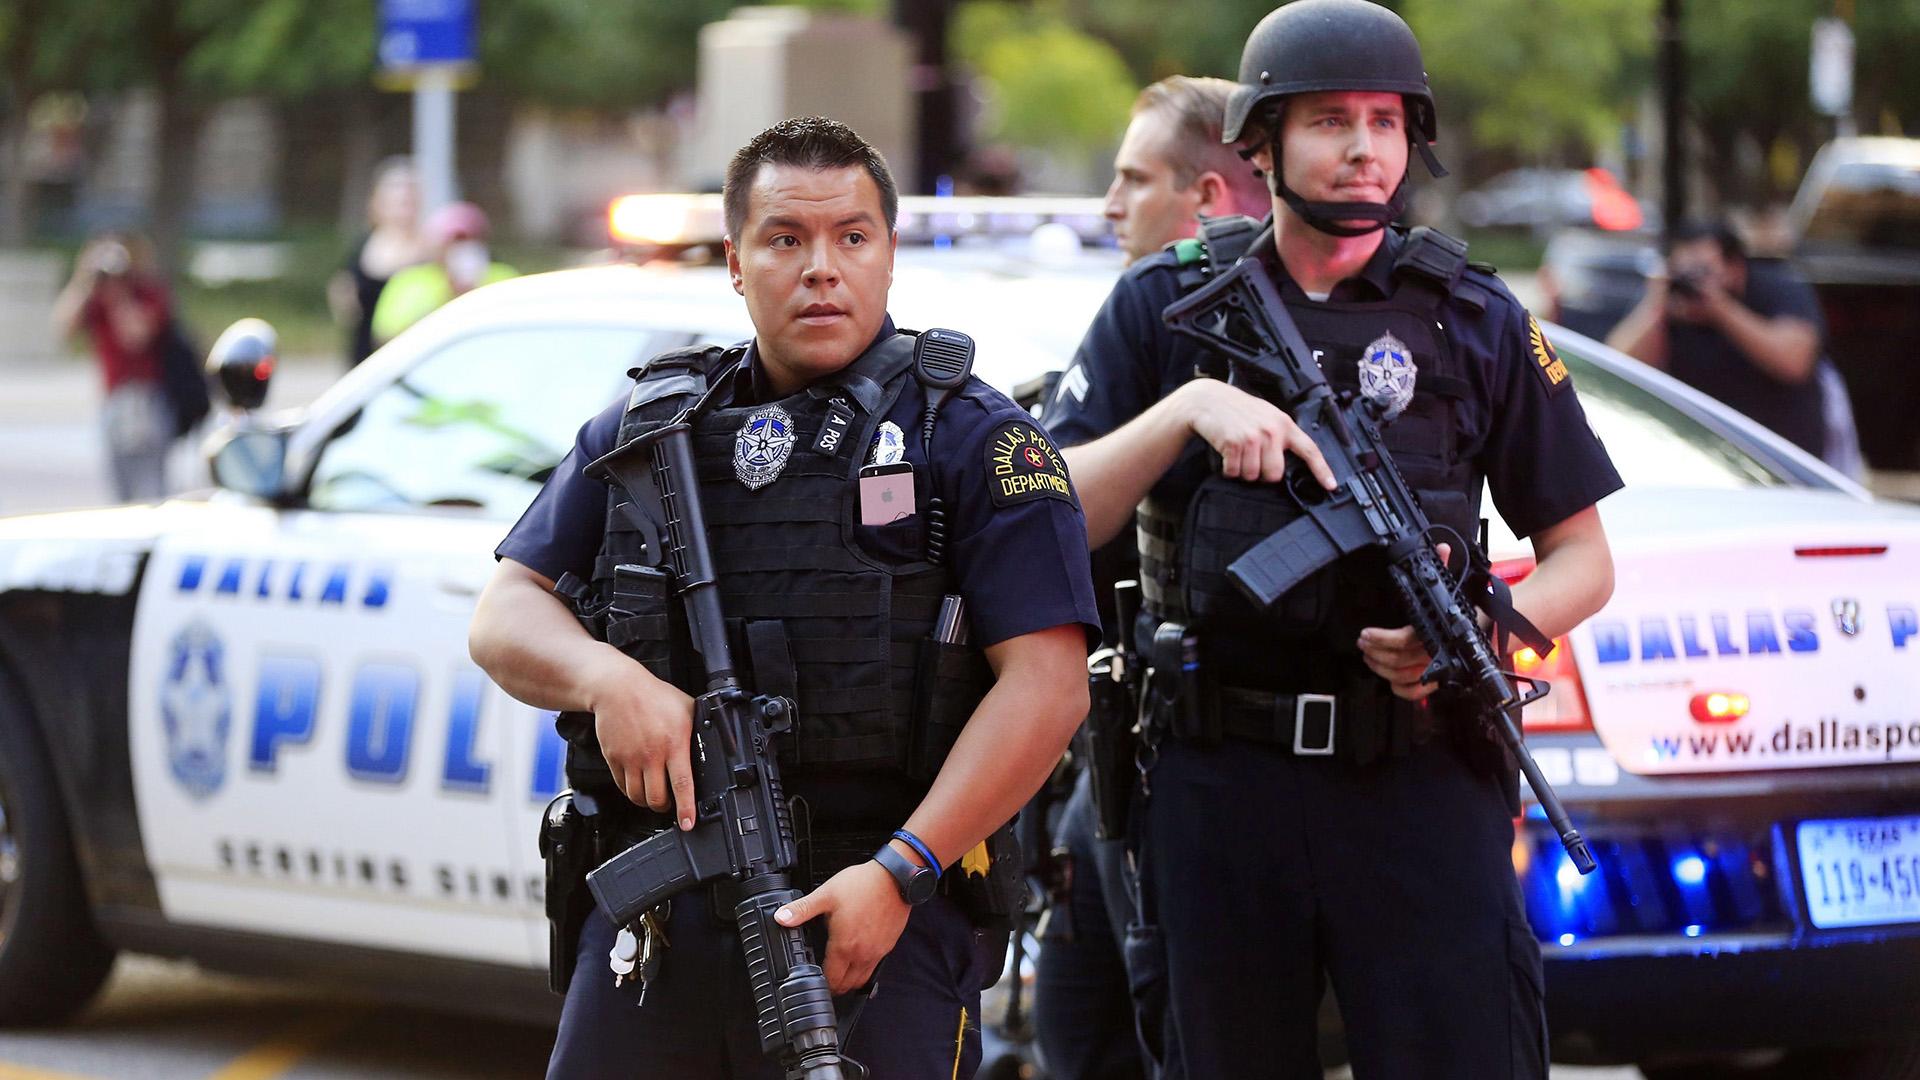 美国警察是如何滥用权力的 – 天下有警